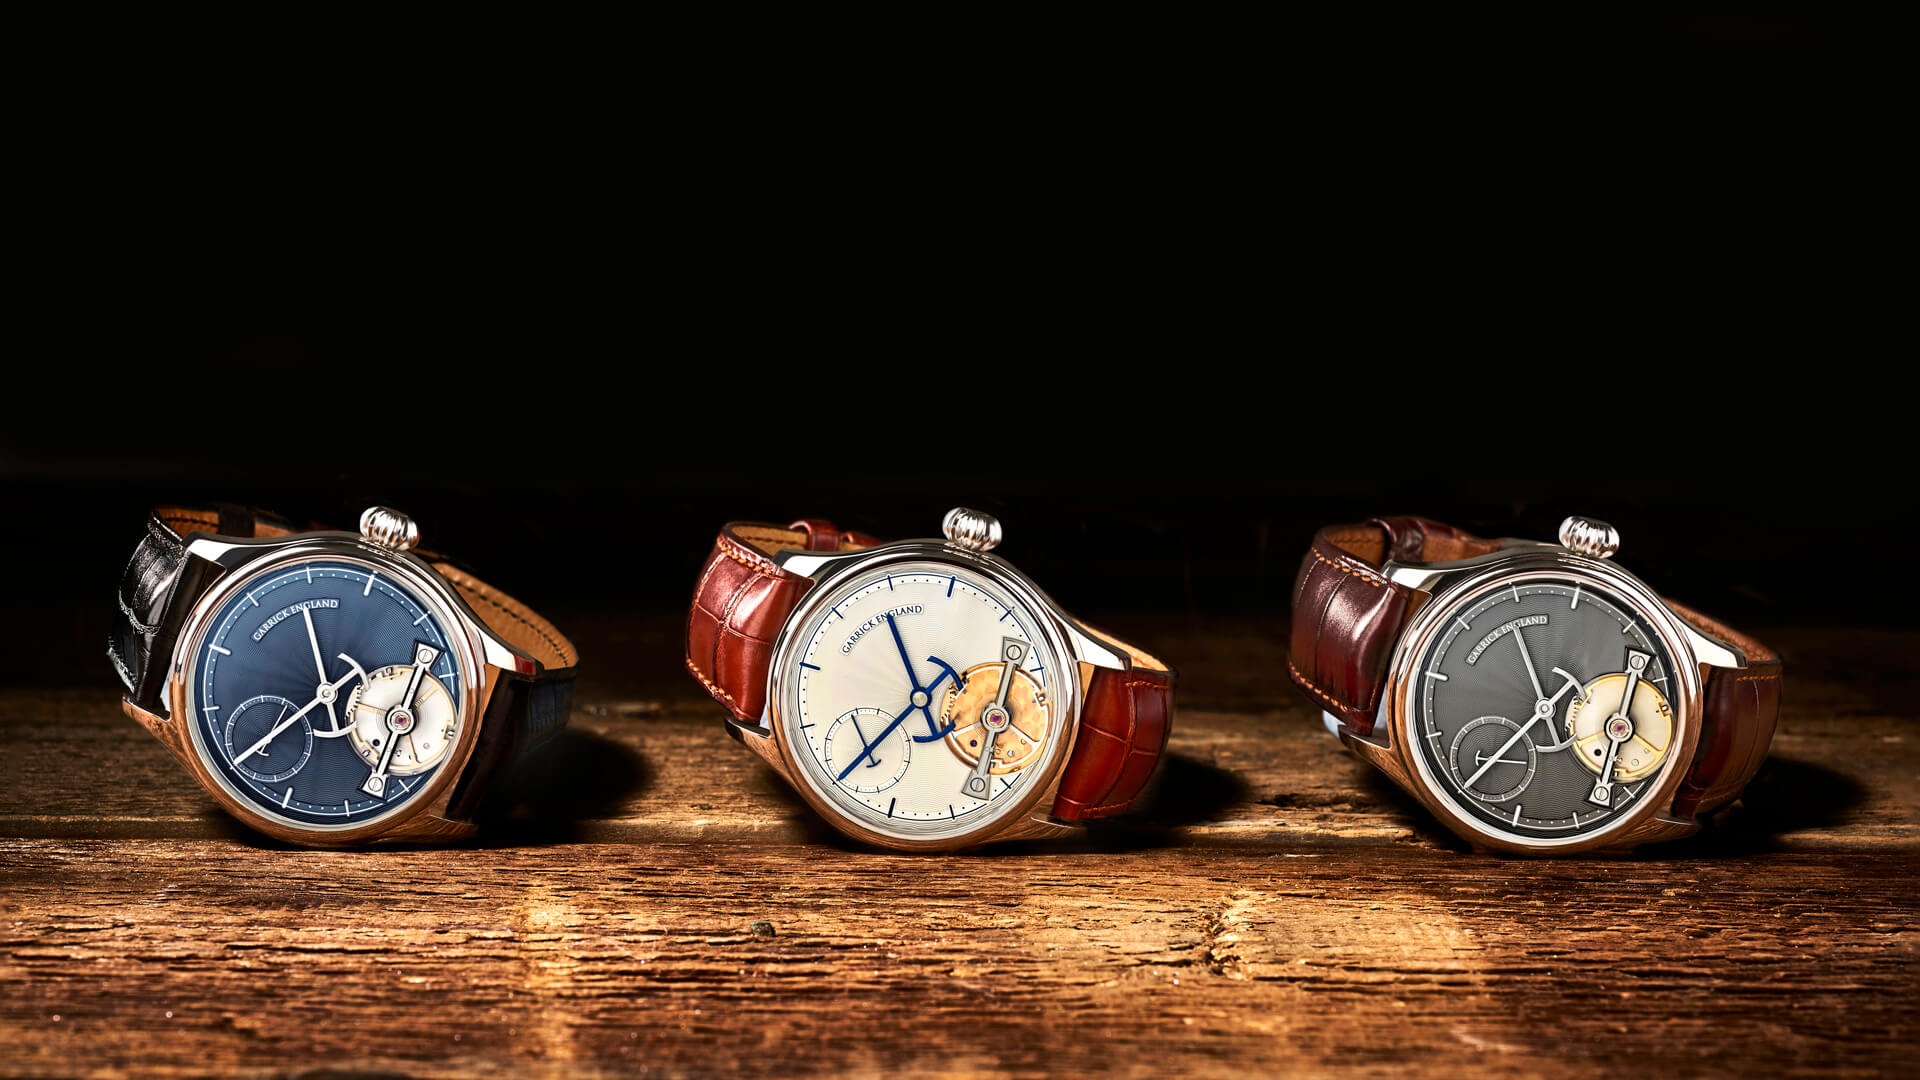 Garrick Portsmouth watches - made in Britain